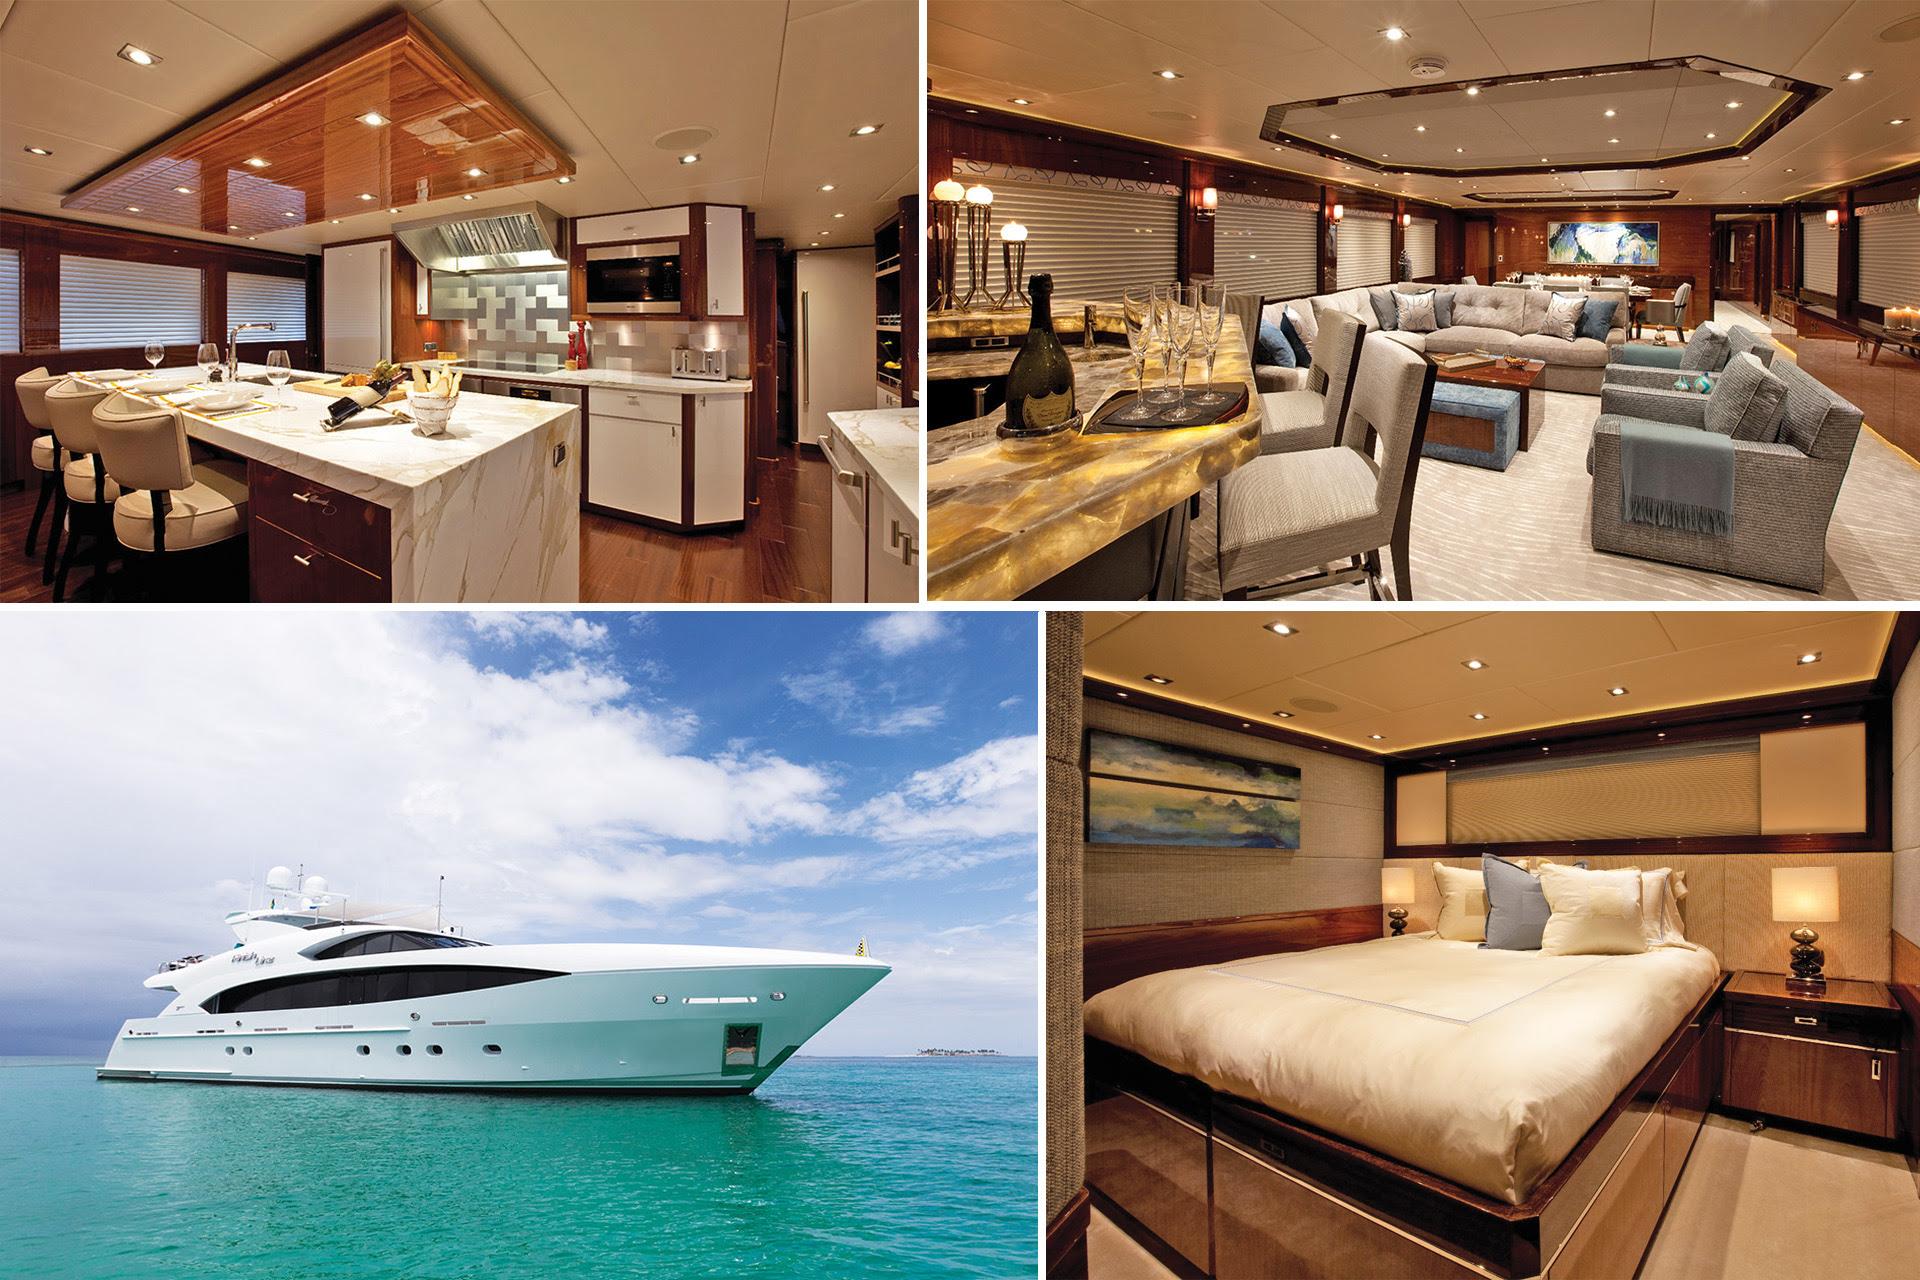 680 Koleksi Ide Design Interior Yacht HD Paling Keren Untuk Di Contoh